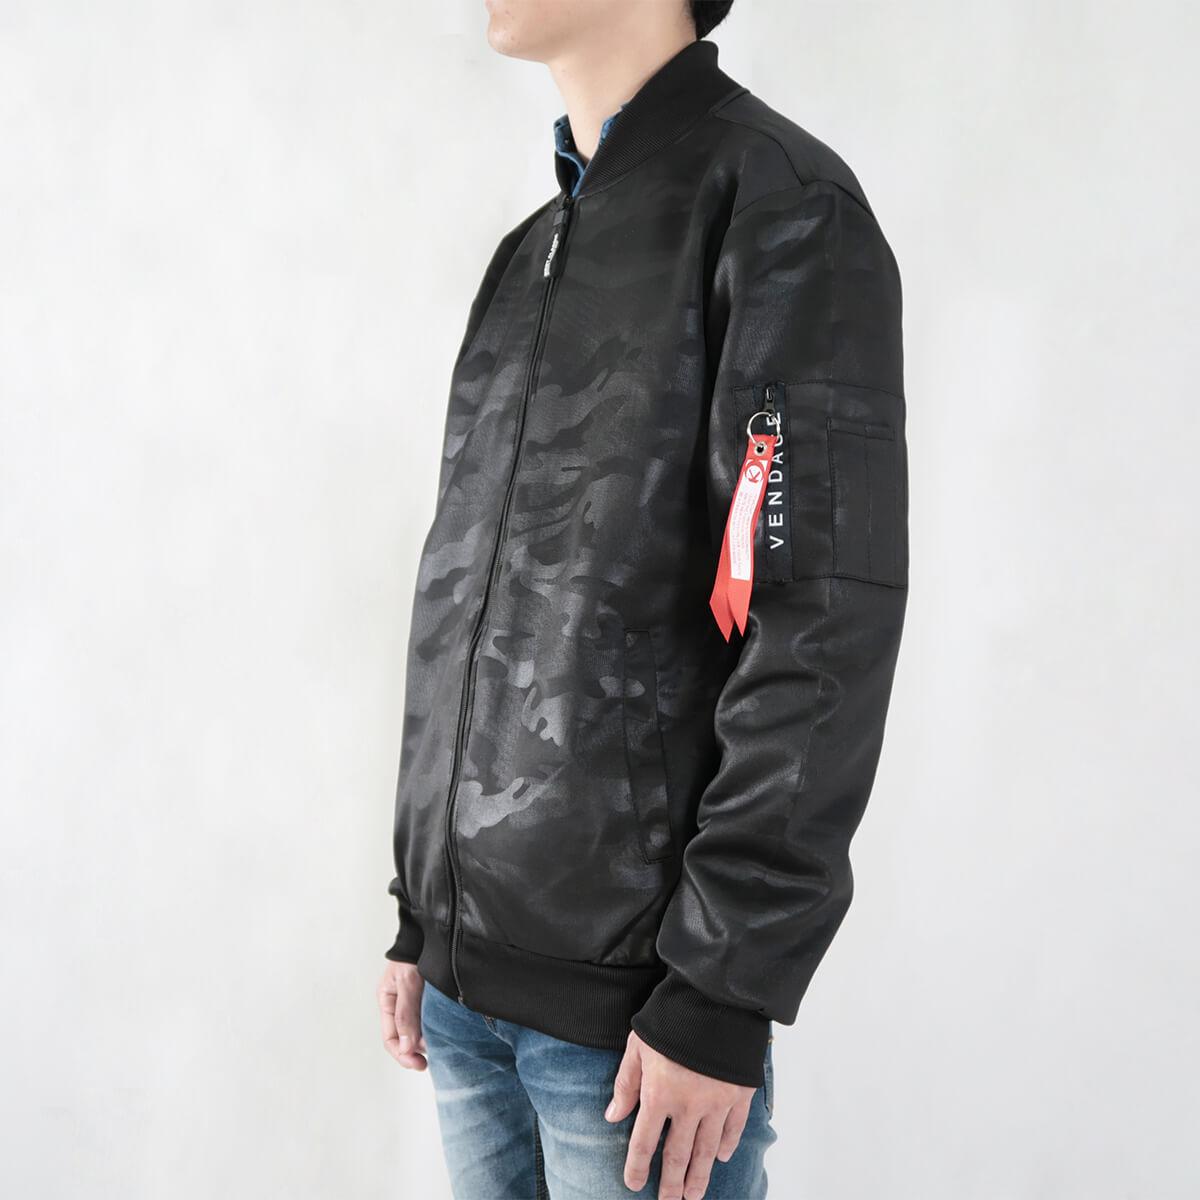 韓版迷彩飛行夾克 MA-1飛行外套 迷彩外套 空軍外套 輕量單層薄外套 MA-1 CAMOUFLAGE FLIGHT JACKET (321-8917-01)深藍色、(321-8917-02)黑色 3L 4L(胸圍48~51英吋) [實體店面保障] sun-e 3